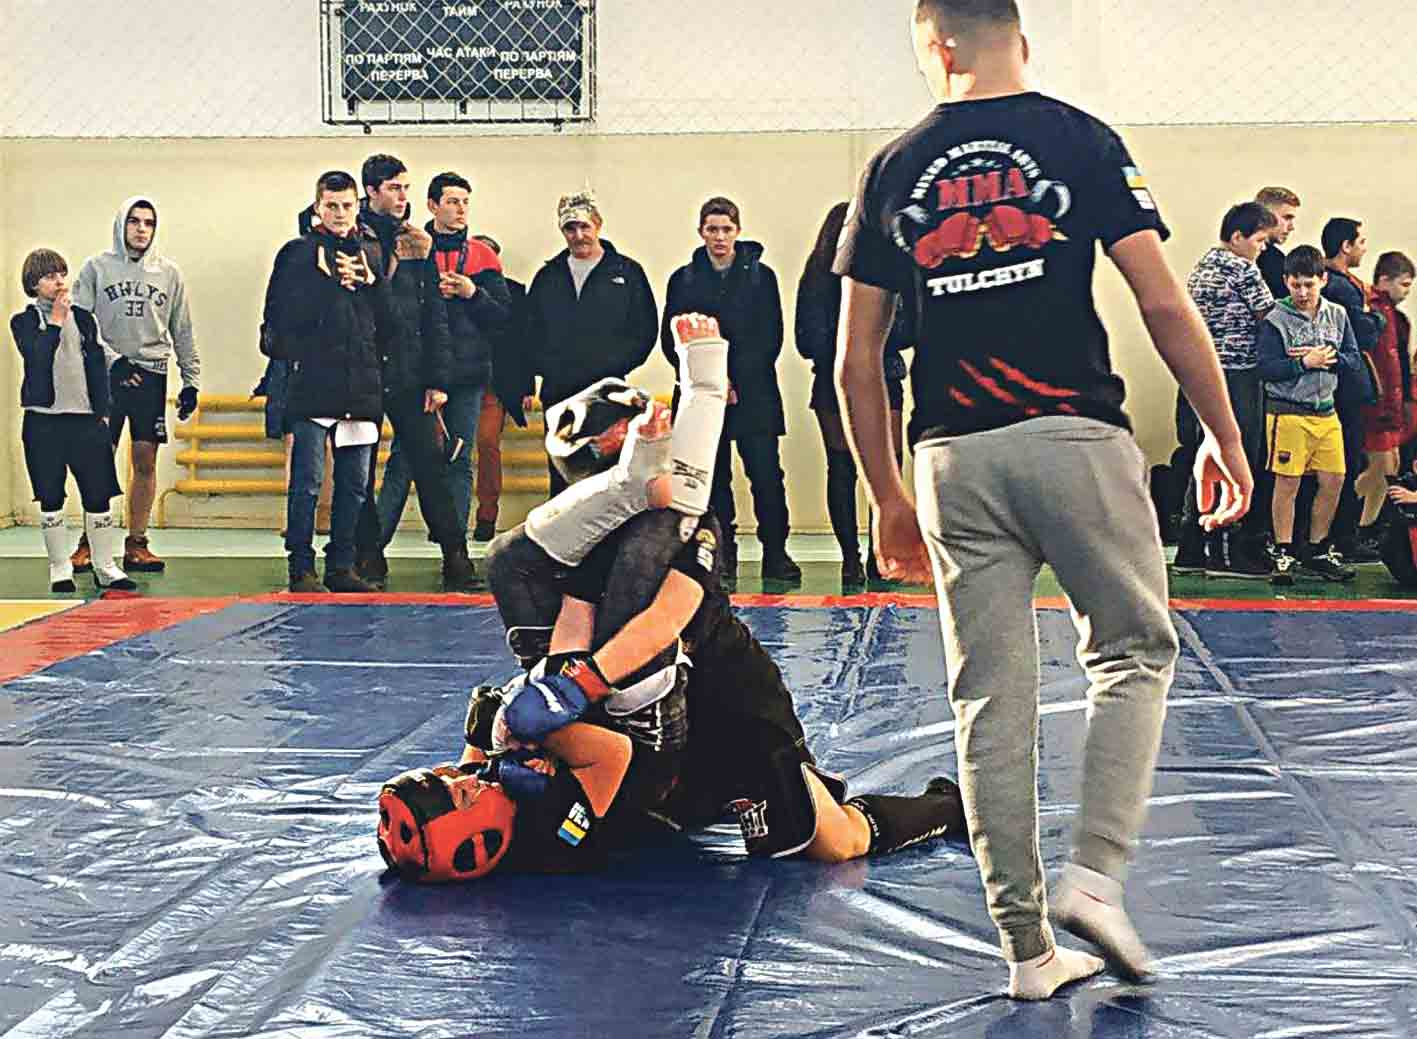 Турнір імені героя АТО започаткували у Тульчині